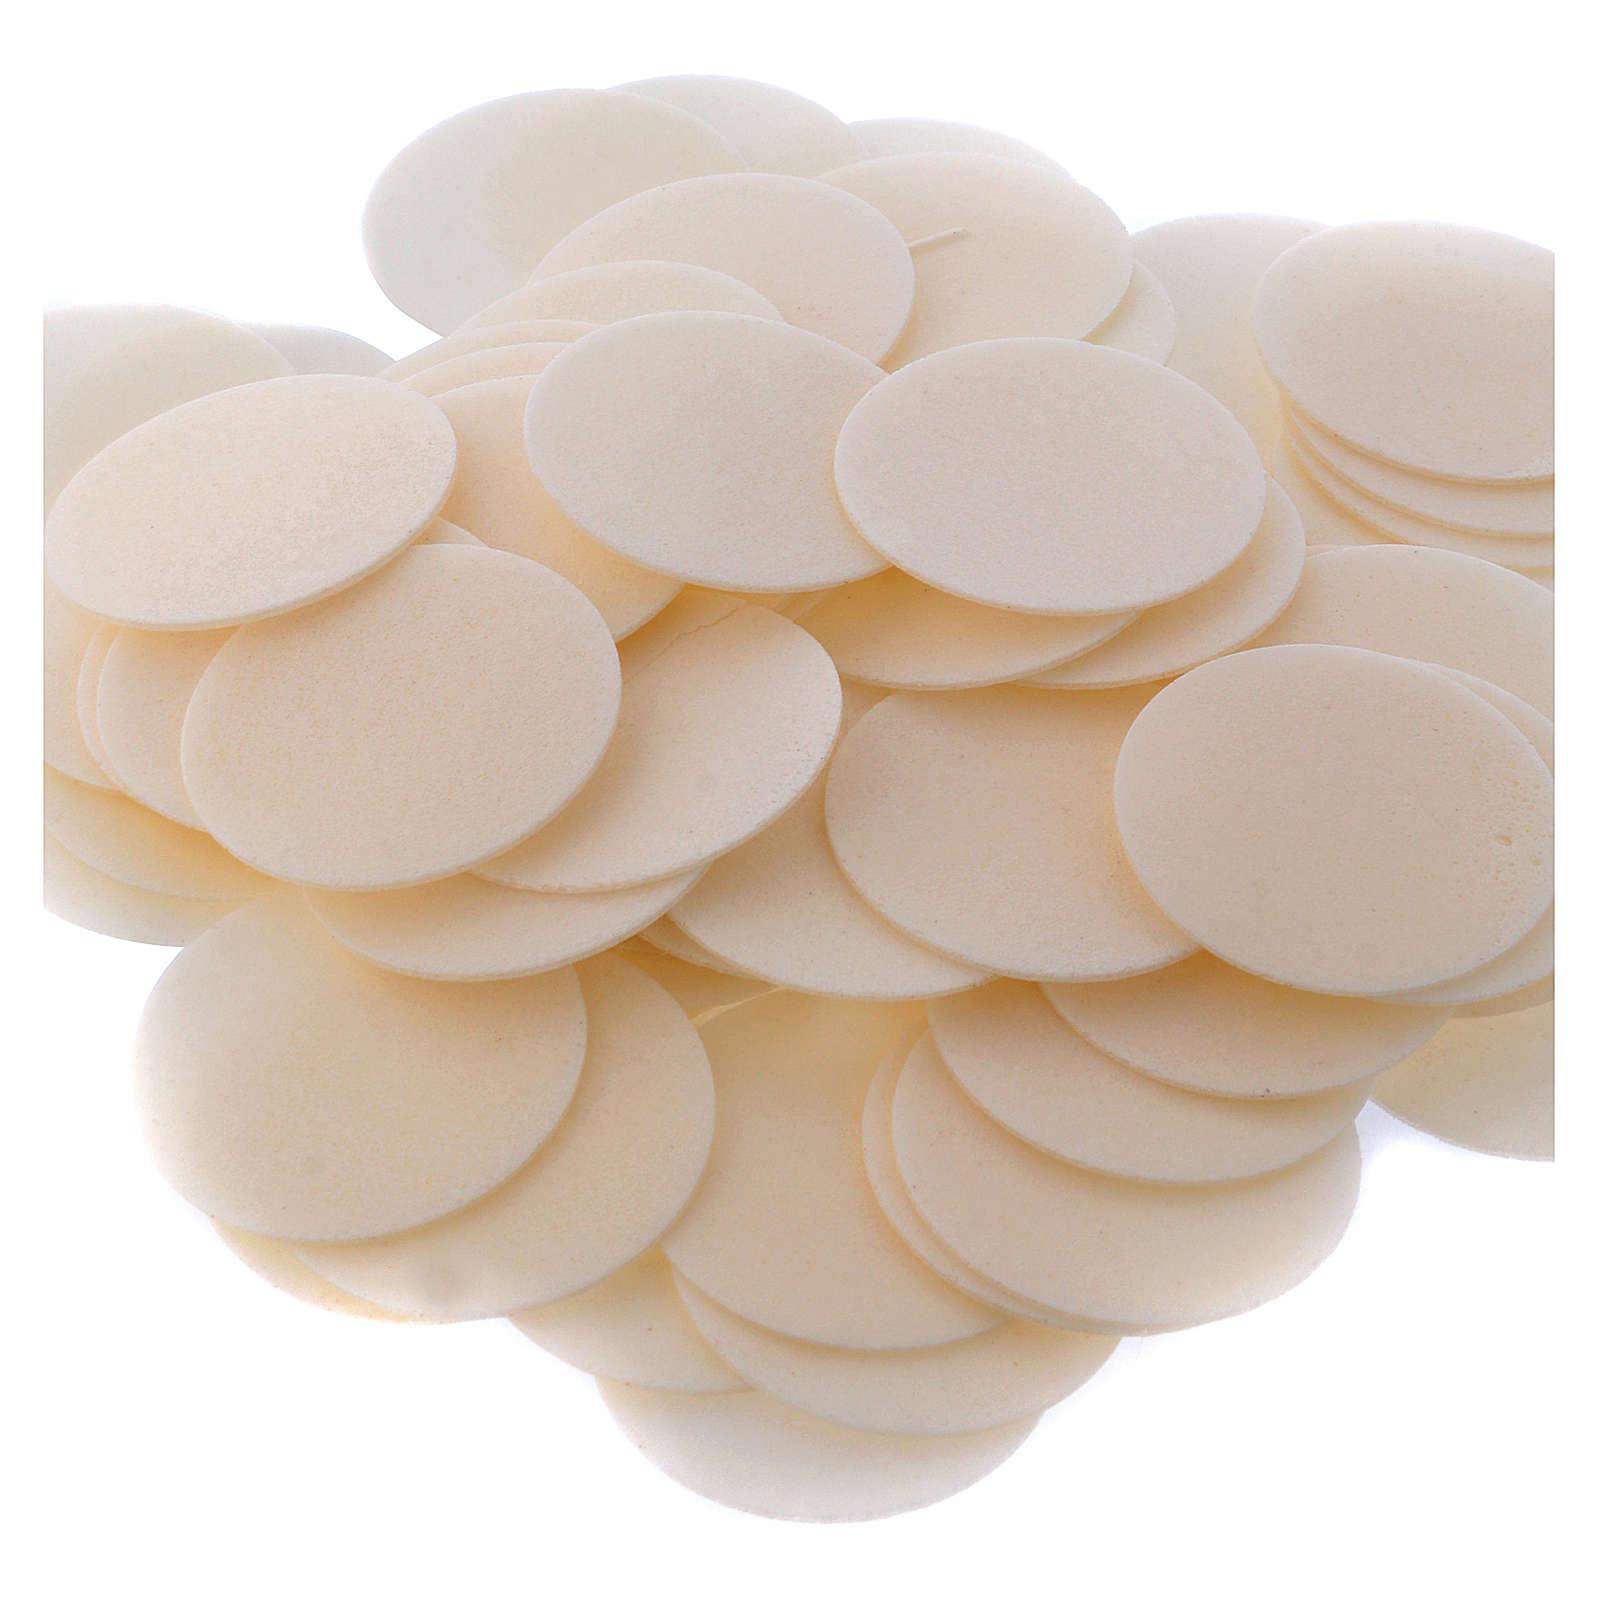 Hostien 500 Stück mit einem Durchmesser von 3,5 cm 3